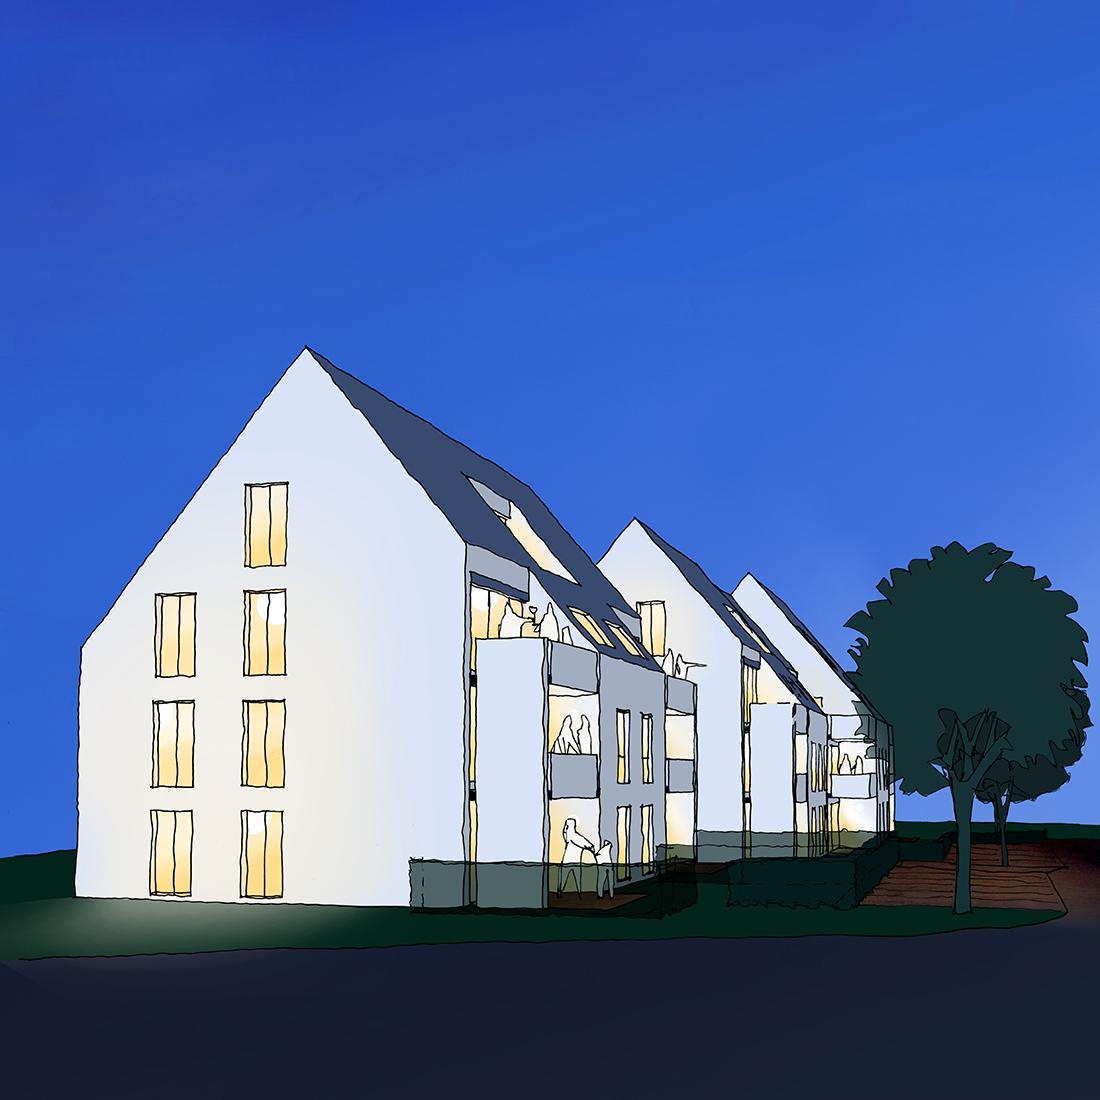 wohnbebauung_gebersheim_Bosch Skizze_Nacht